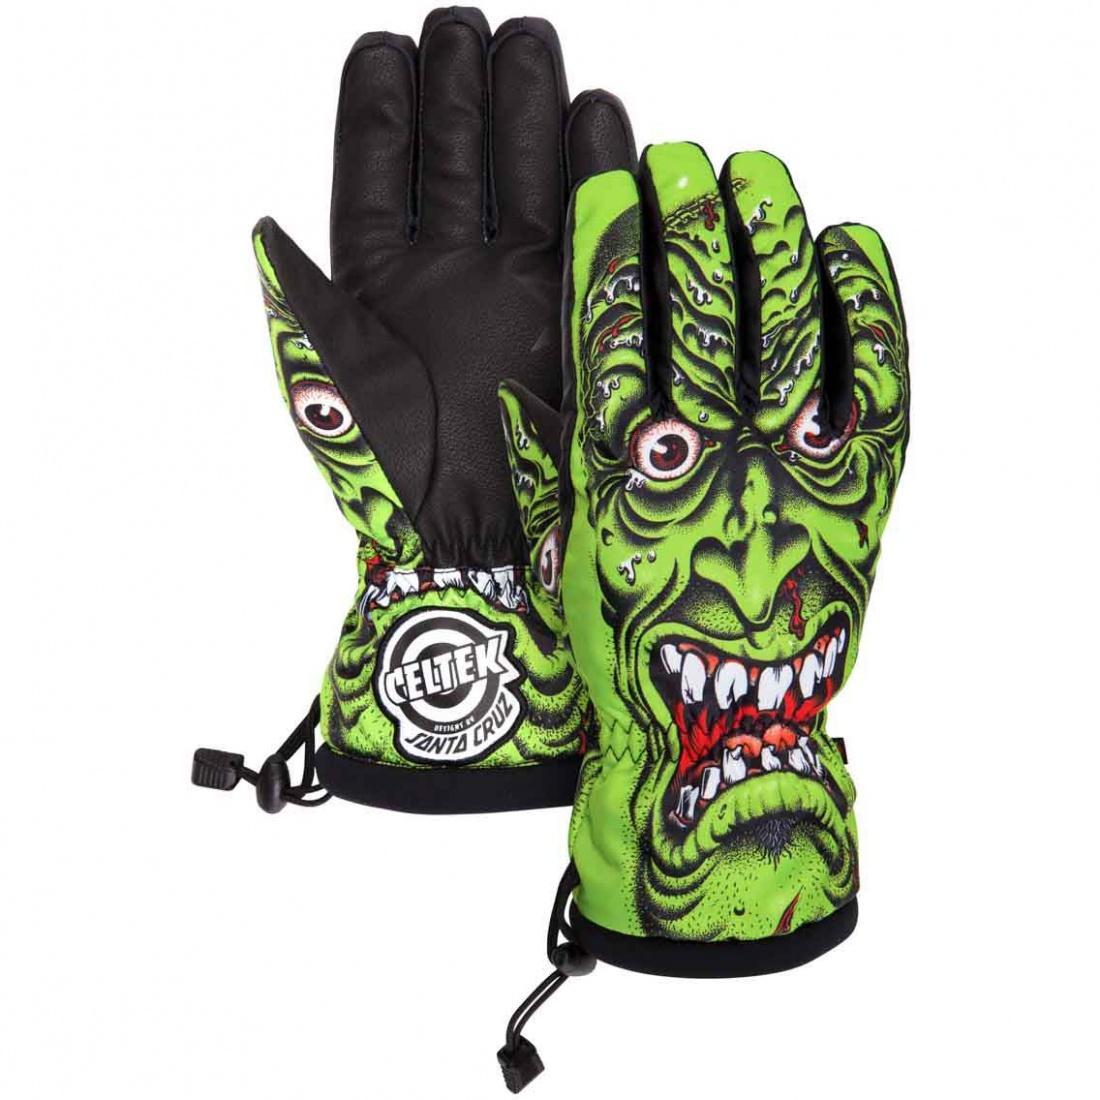 Перчатки Celtek Bitten by a Glove Roskopp M